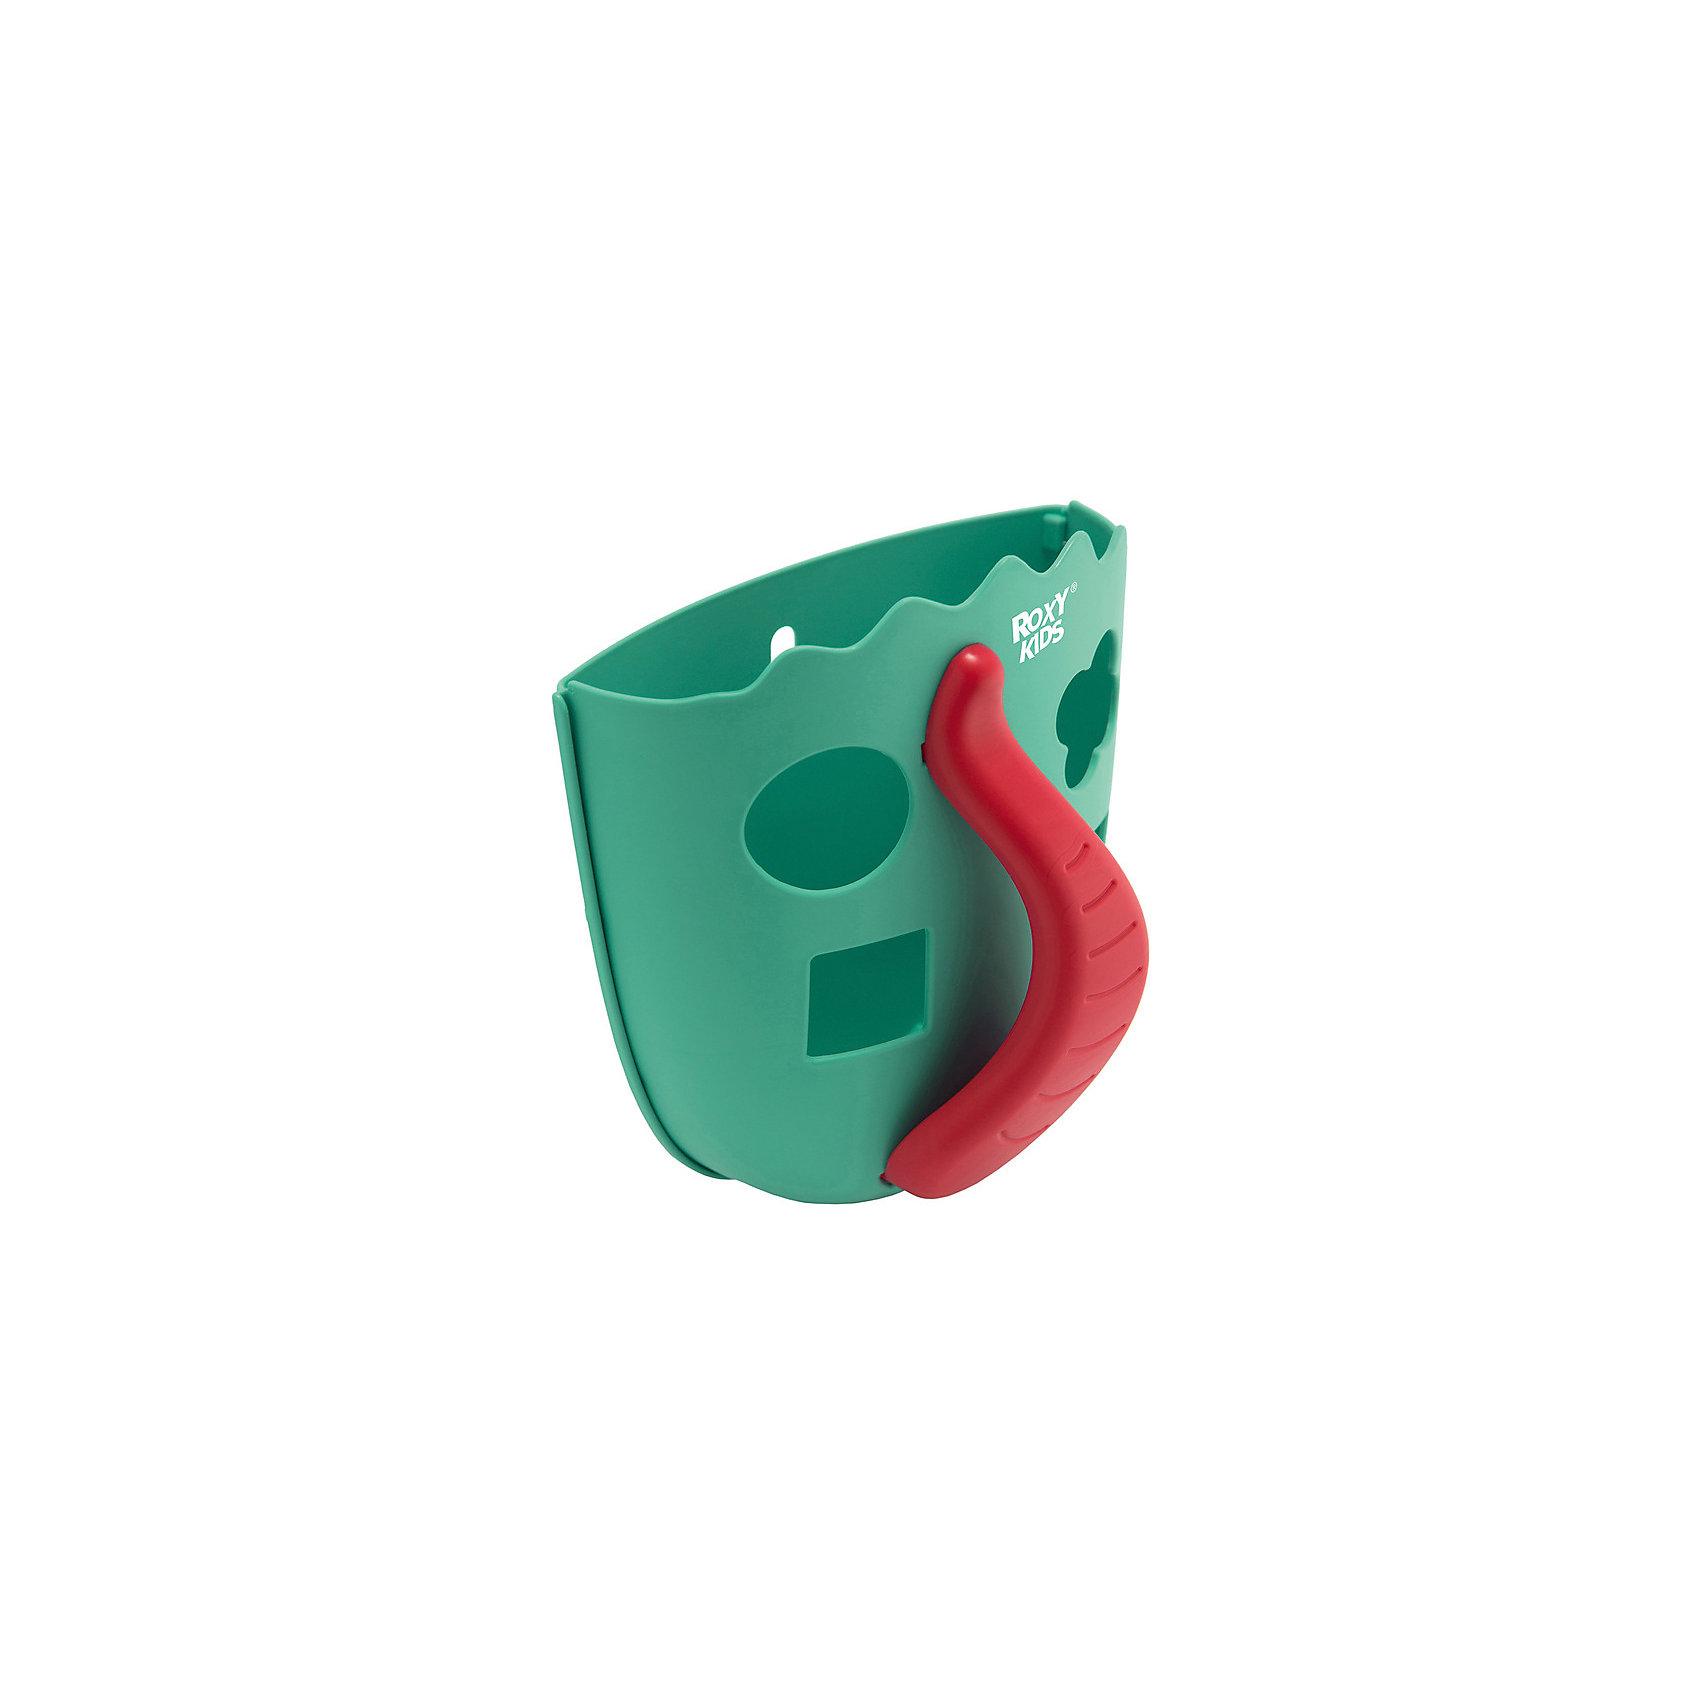 Органайзер для игрушек в ванную Roxy-Kids Dino, мятныйСетки для игрушек в ванну<br>Характеристики товара:<br><br>• органайзер для хранения игрушек;<br>• ковшеобразная конструкция;<br>• органайзер оснащен ручкой;<br>• отверстия для слива;<br>• игрушки, которые находятся в органайзере, удобно мыть под краном;<br>• функция сортера: отверстия геометрической формы, в комплекте 4 фигурки;<br>• способ крепления: присоски;<br>• материал: полипропилен;<br>• размер упаковки: 22х19х14 см;<br>• вес: 286 г.<br><br>Органайзер для игрушек в ванную Roxy-Kids Dino, голубой можно купить в нашем интернет-магазине.<br><br>Ширина мм: 220<br>Глубина мм: 190<br>Высота мм: 140<br>Вес г: 286<br>Цвет: голубой<br>Возраст от месяцев: 0<br>Возраст до месяцев: 12<br>Пол: Унисекс<br>Возраст: Детский<br>SKU: 7136445